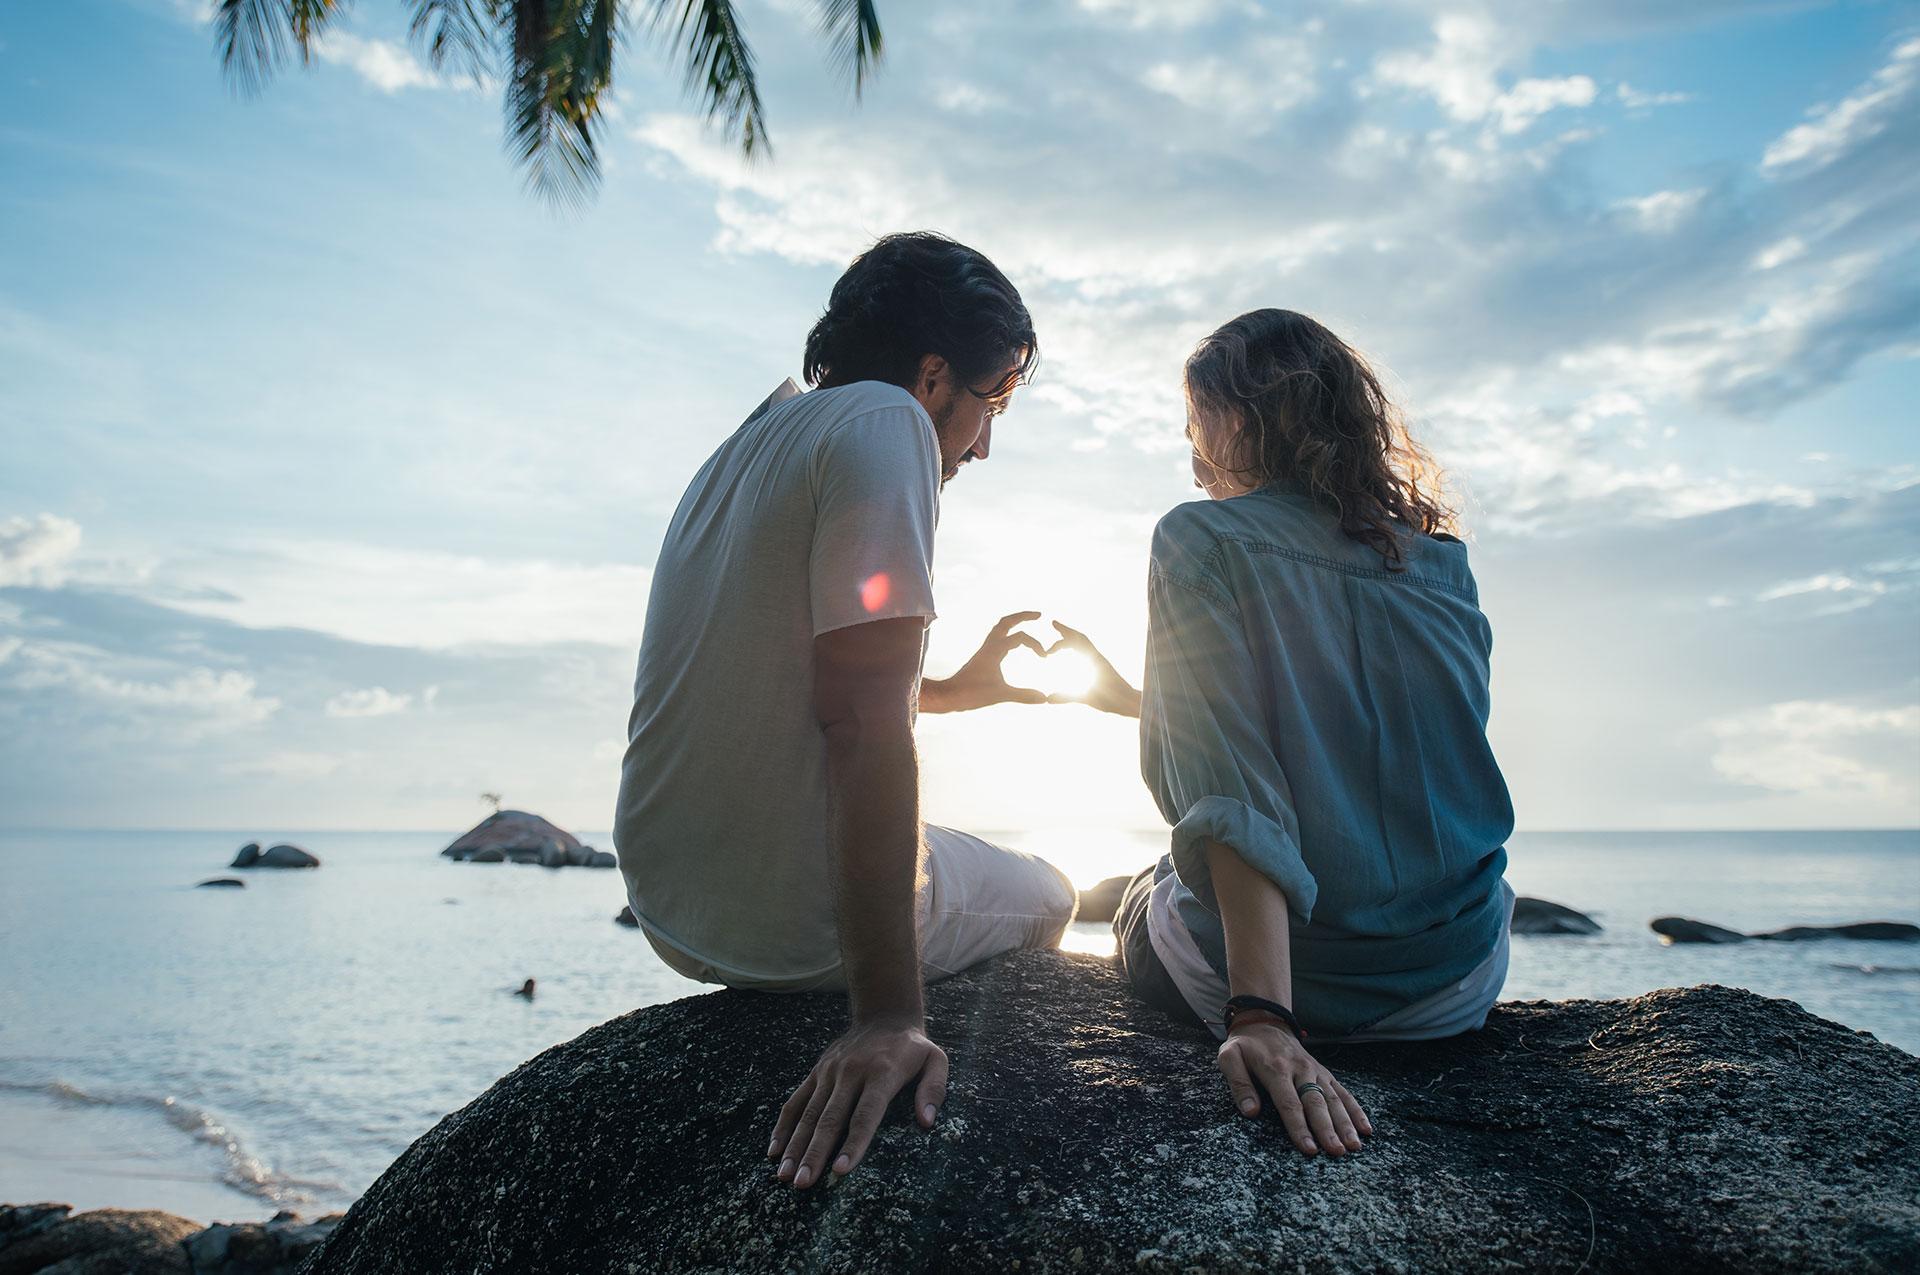 Liebe leben - Paare